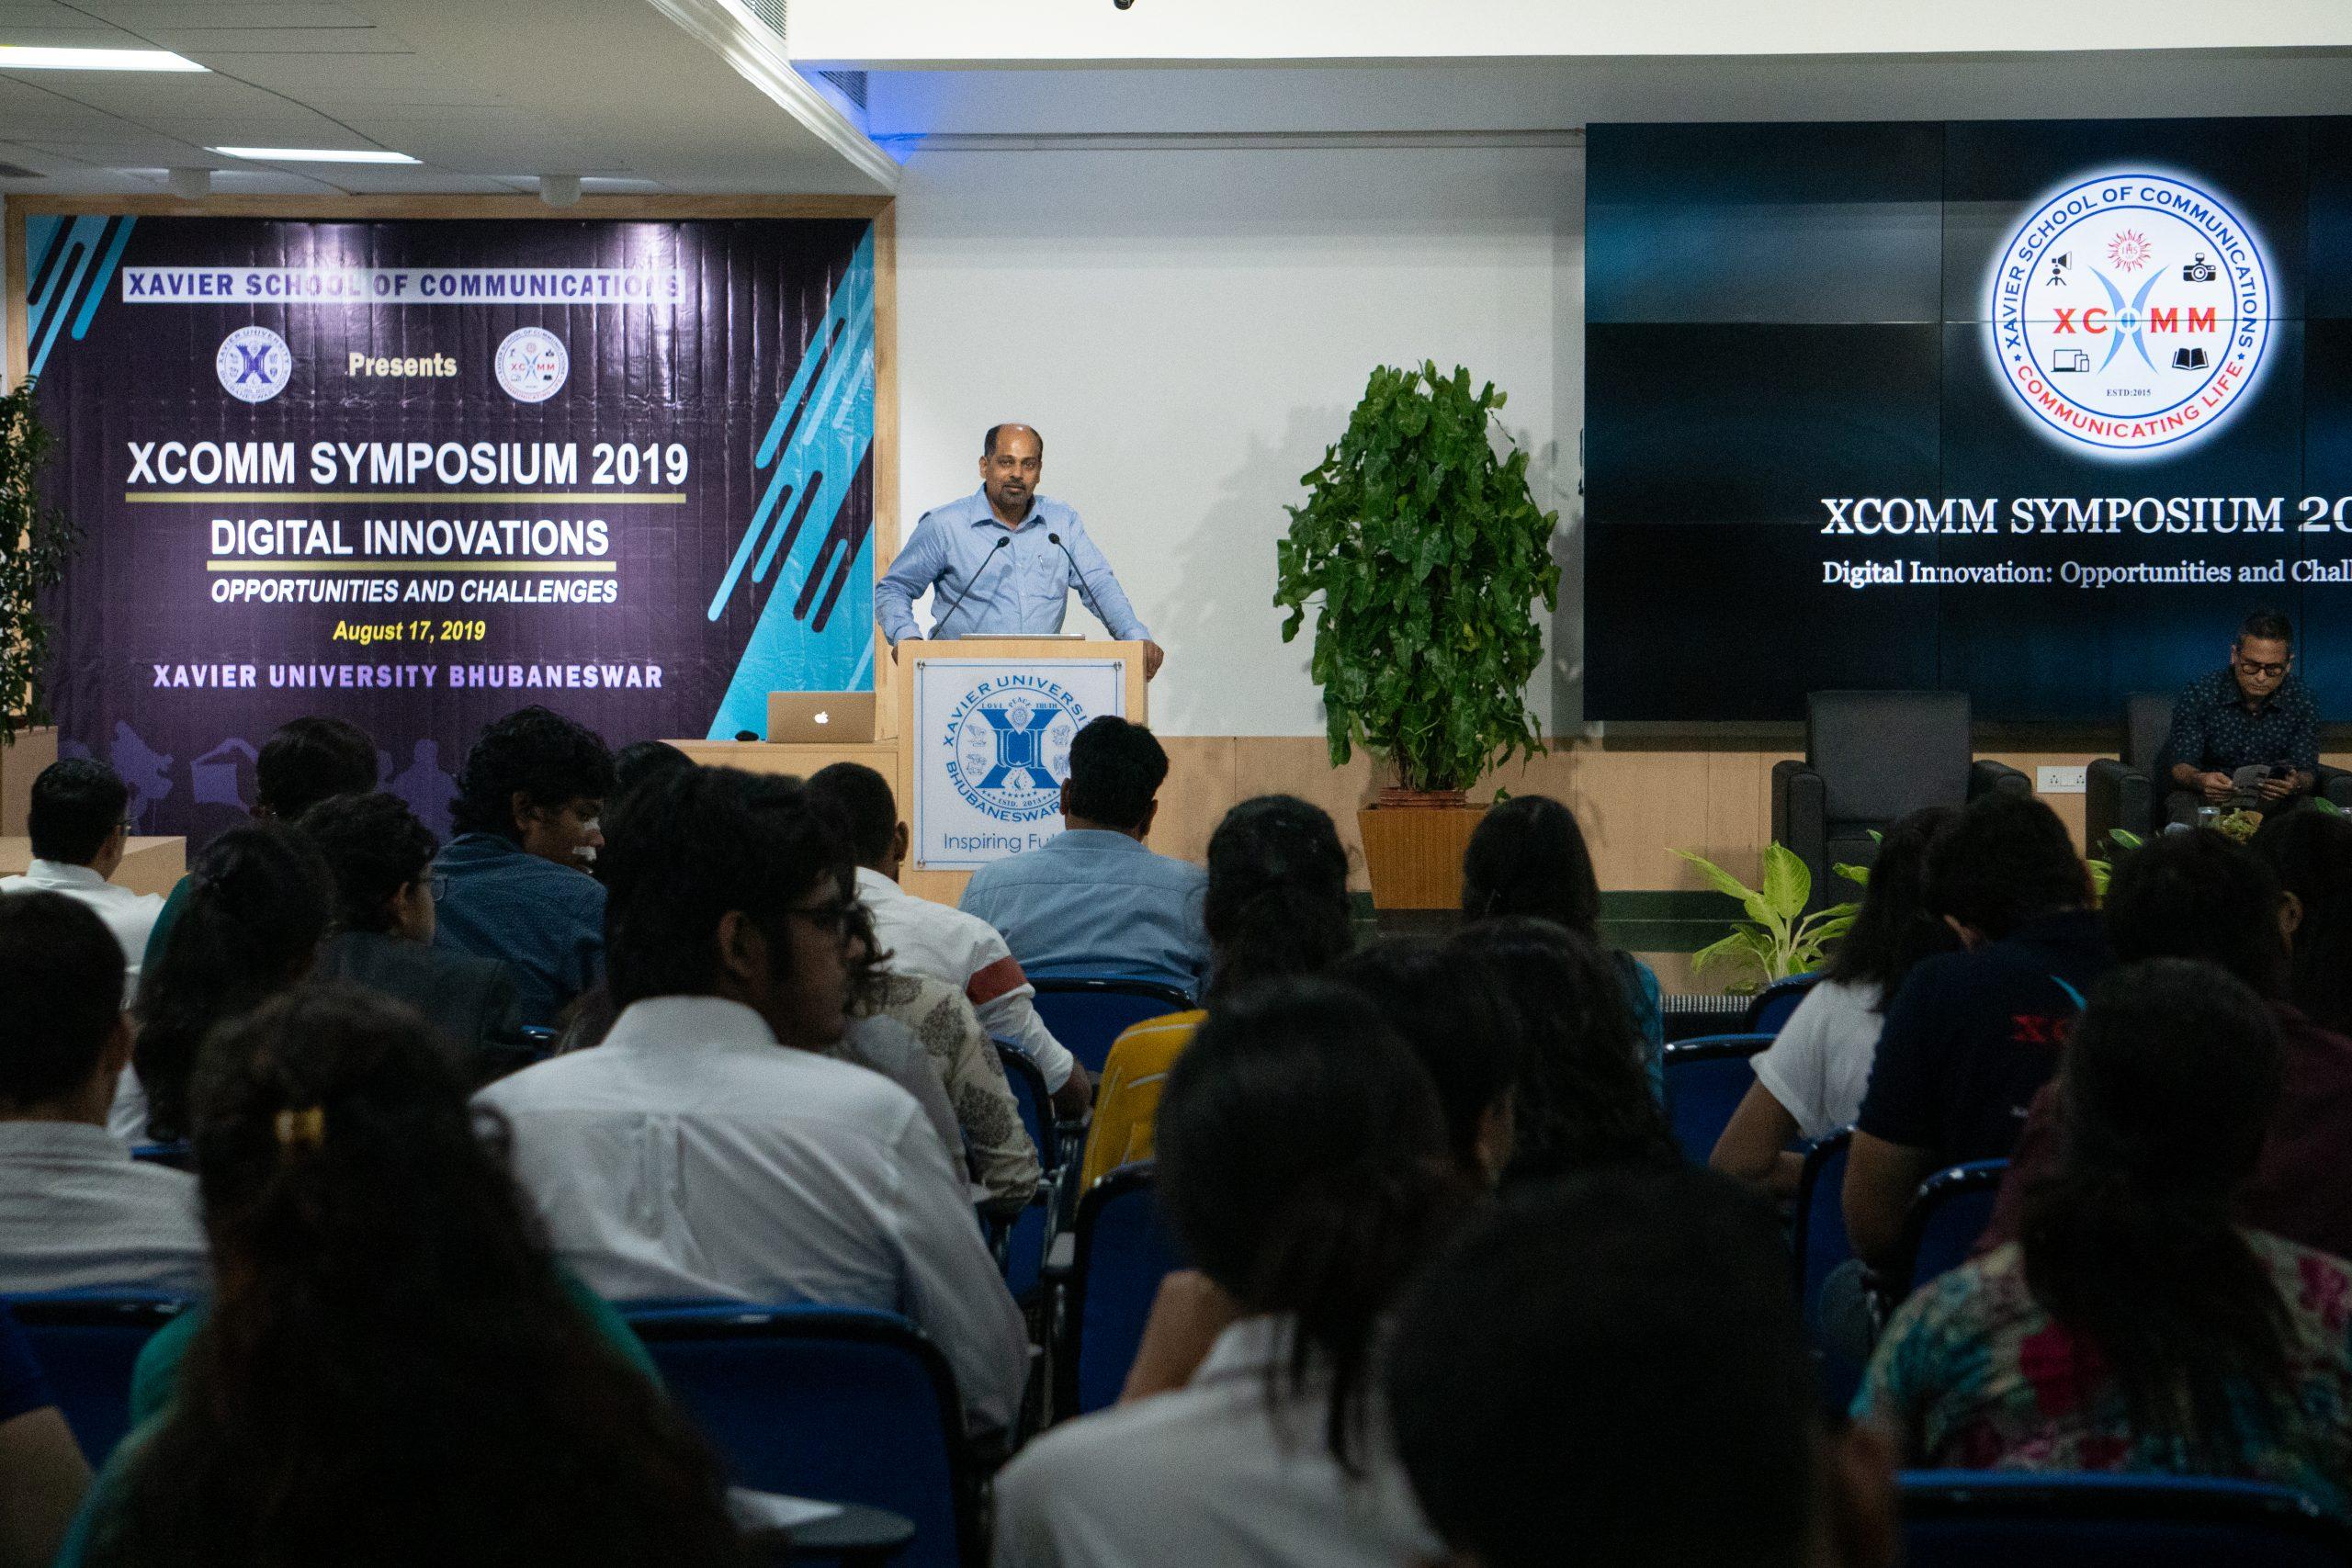 symposium 2019 October 15